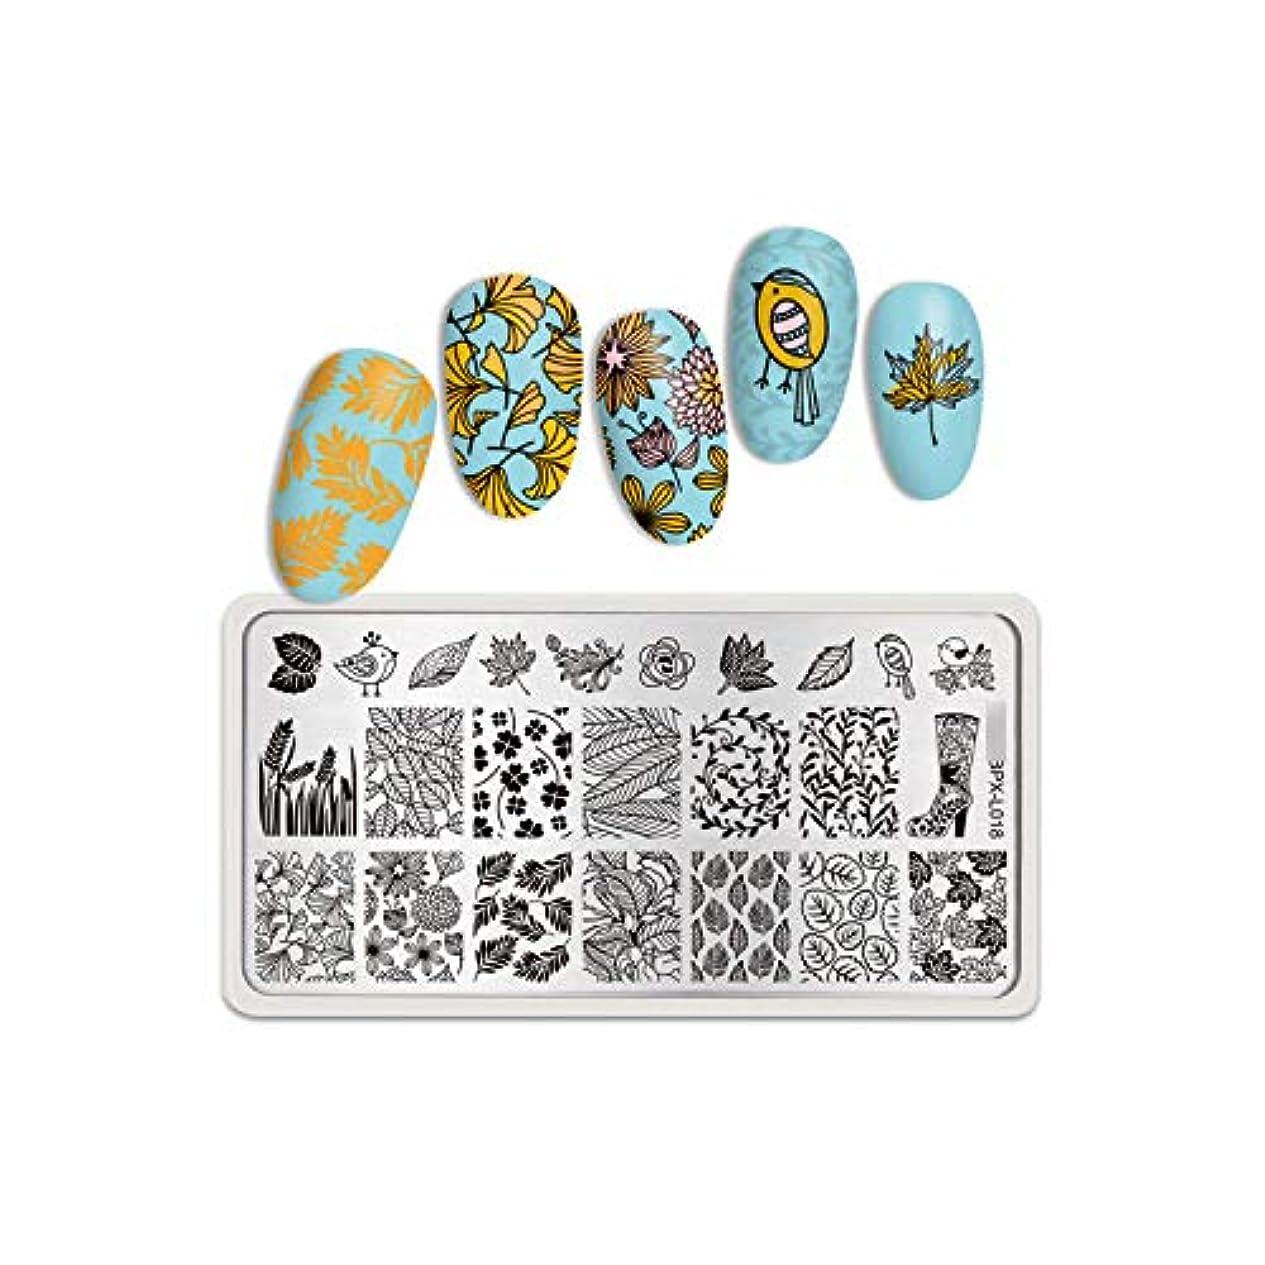 畝間合わせてちらつき生まれたかわいい長方形ネイルスタンピングプレート花蝶混合パターンネイルアート画像デザインツールピュアワールドL001,BPX-L018